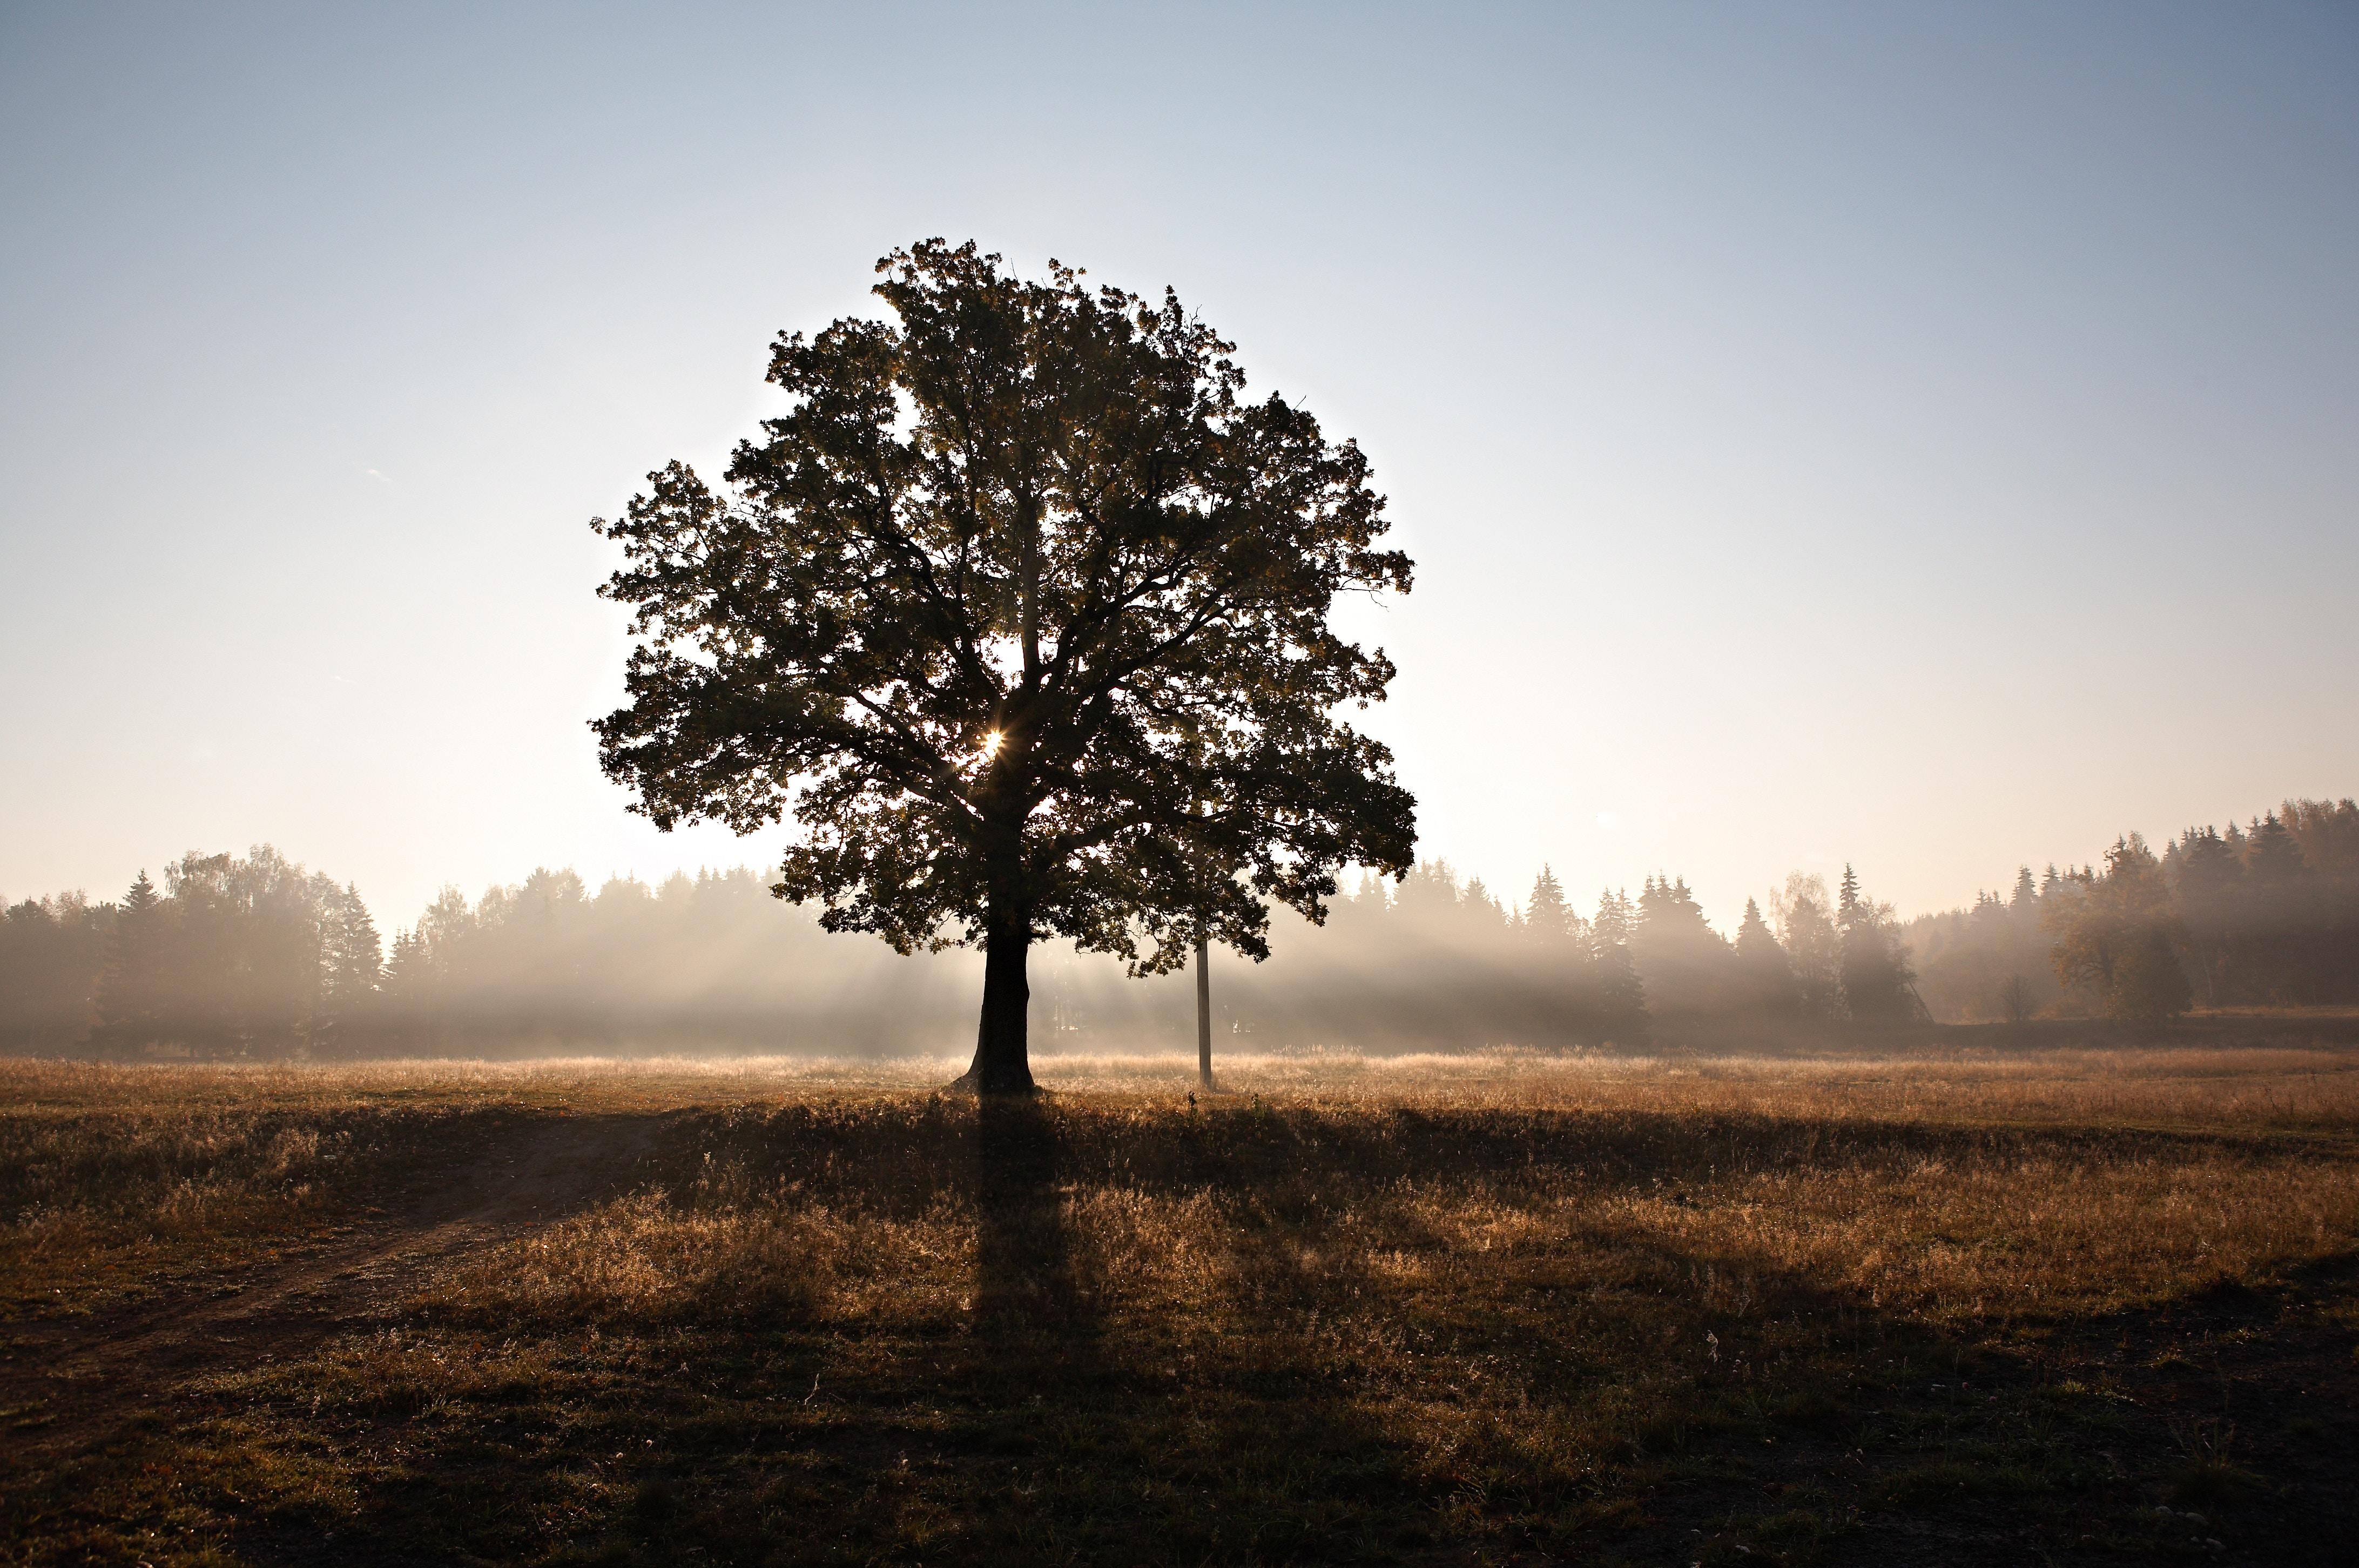 Staré stromy sú pre krajinu dôležité, na Slovensku sa však staroby často nestihnú dožiť, hovorí arborista